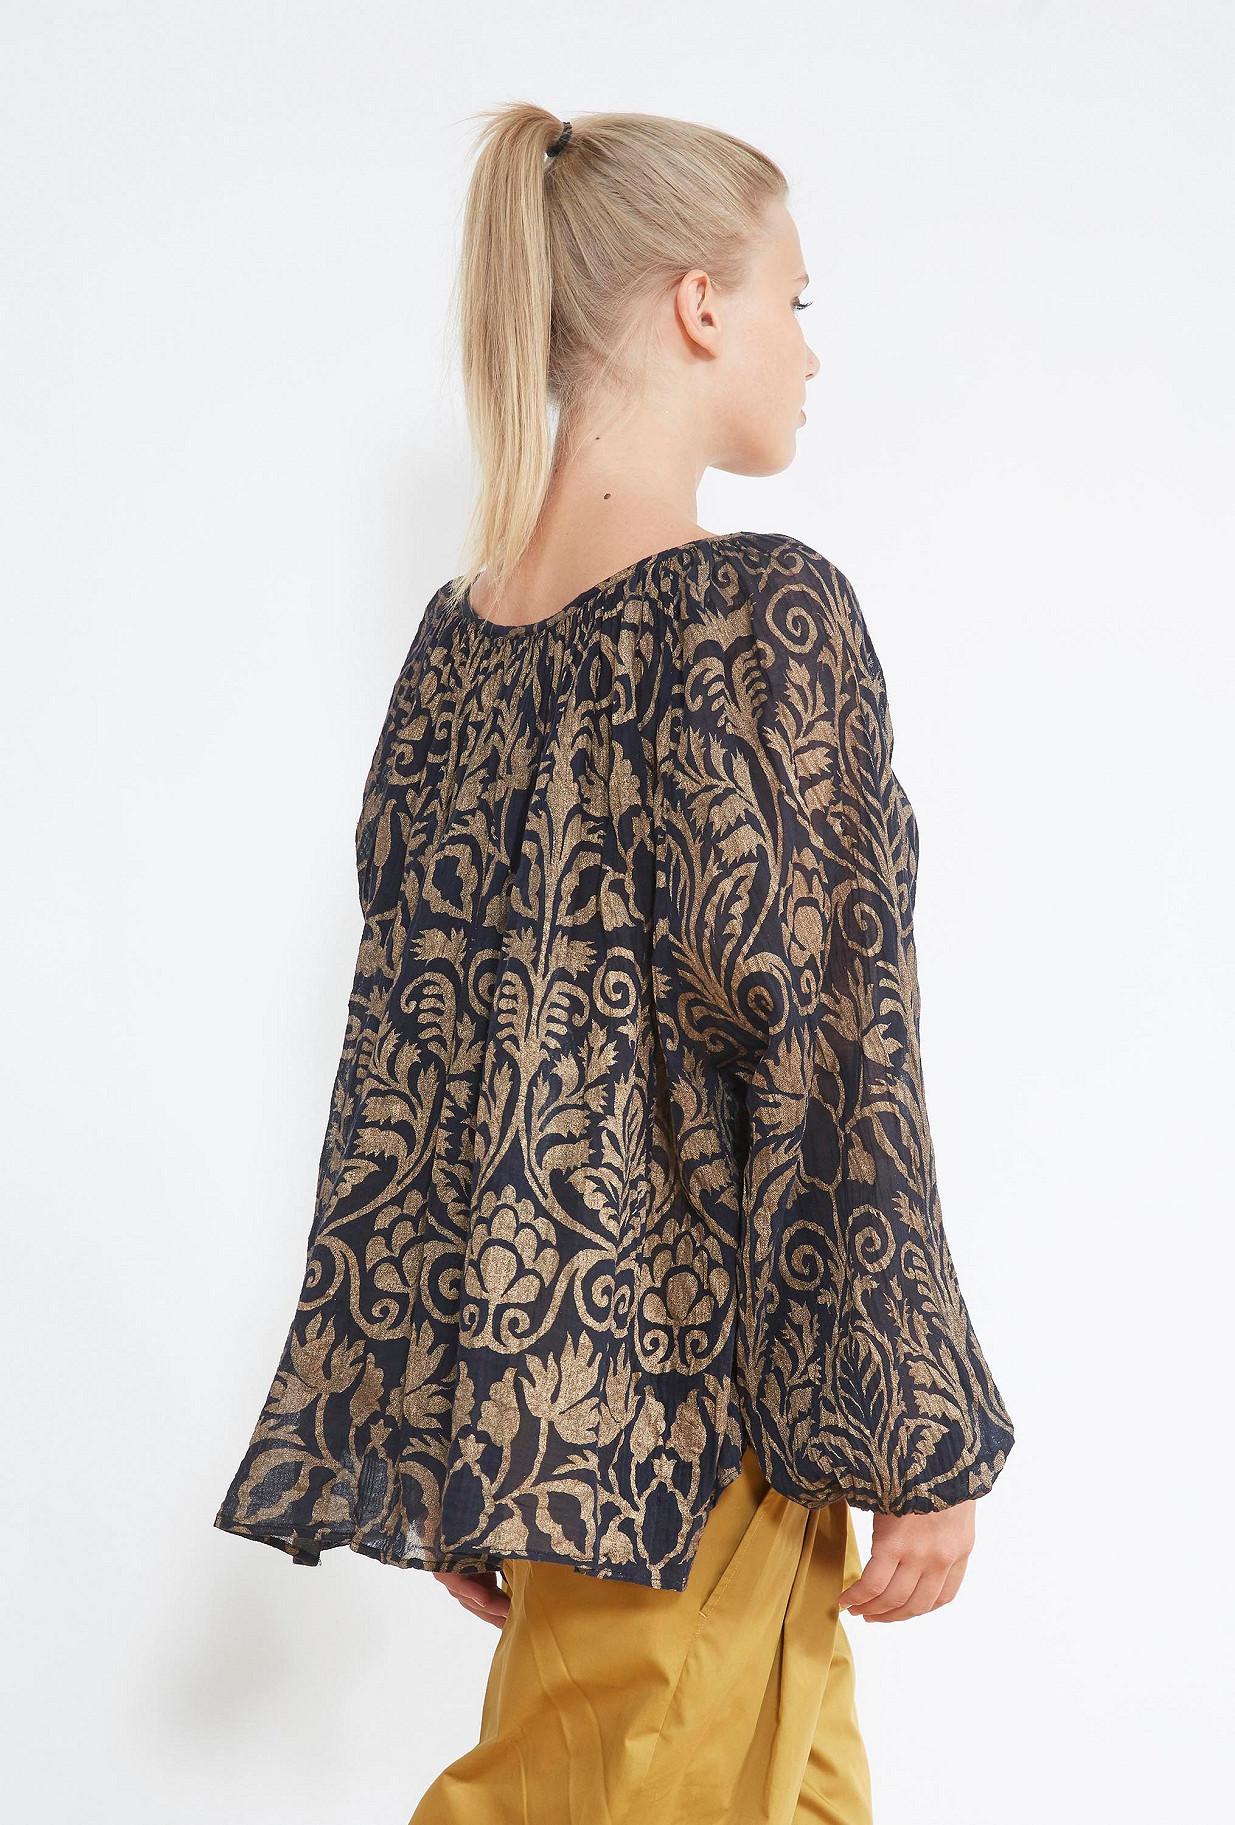 boutique de blouse femme rococo mode createur paris. Black Bedroom Furniture Sets. Home Design Ideas